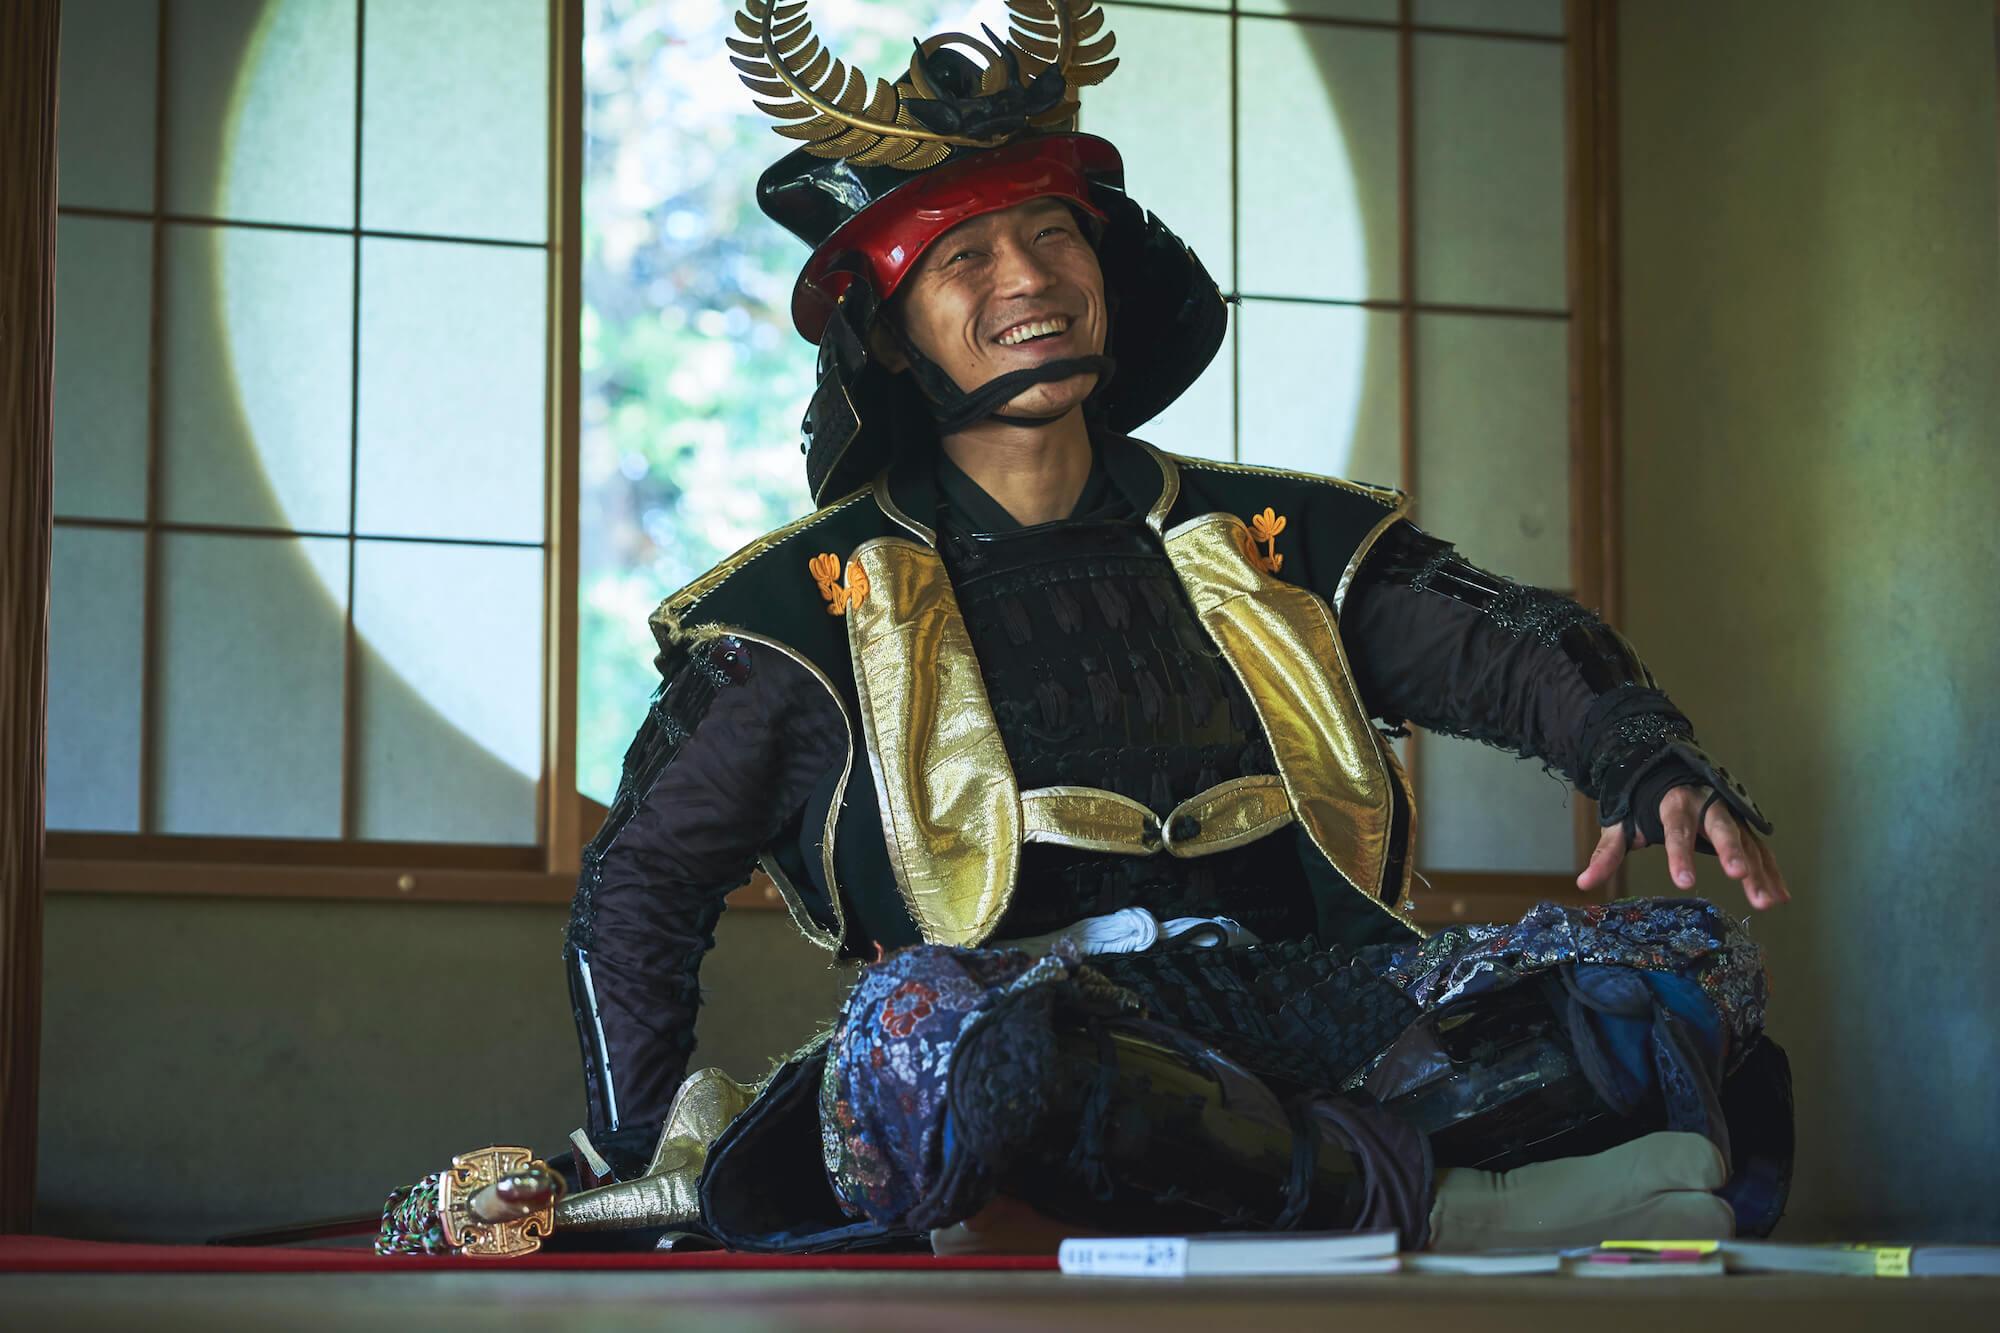 名古屋おもてなし武将隊,徳川家康